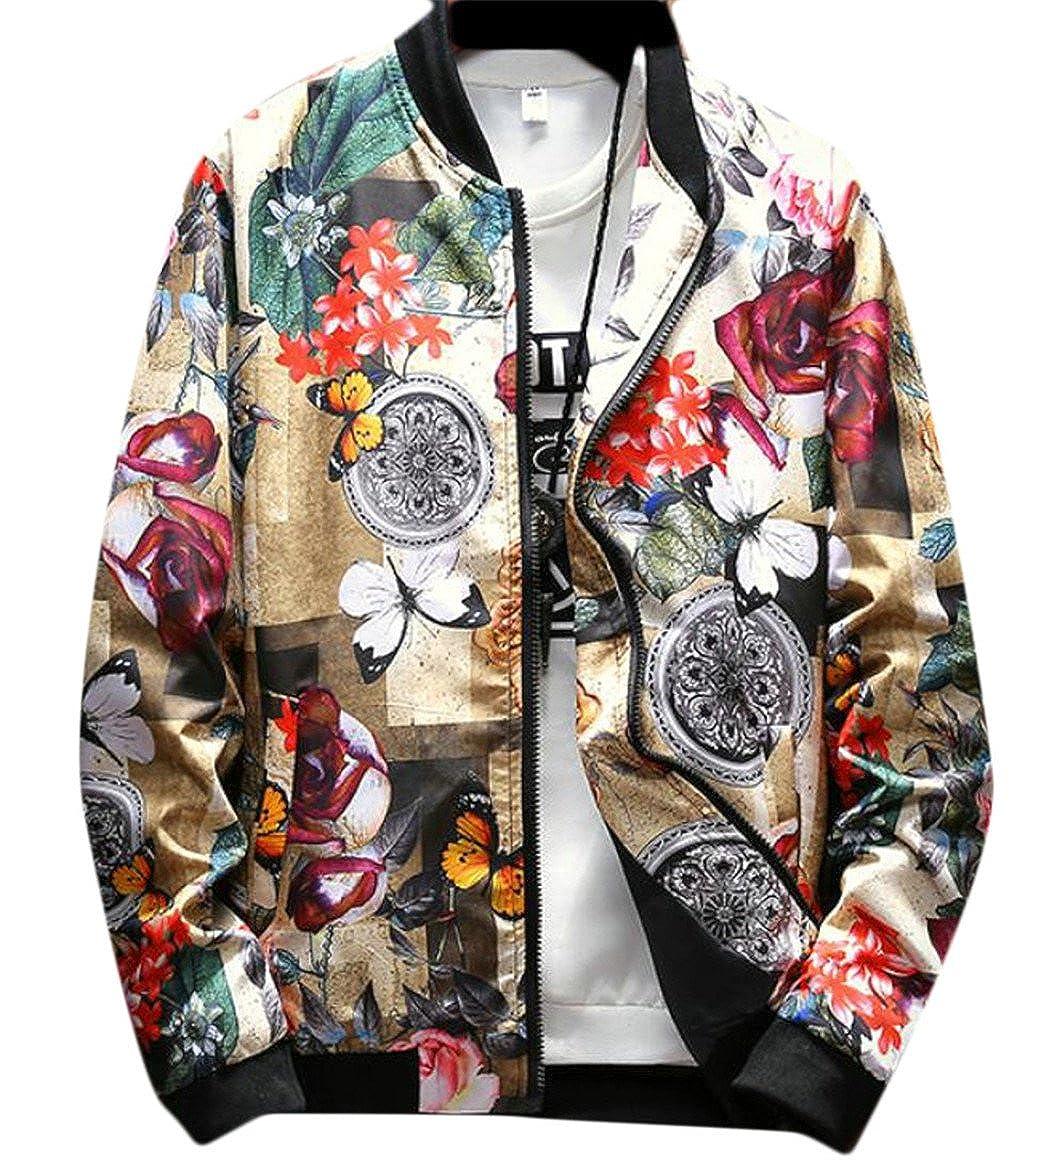 Qiangjinjiu Mens Floral Printed Rounded Collar Bomber Zipper-up Lightweight Jackets